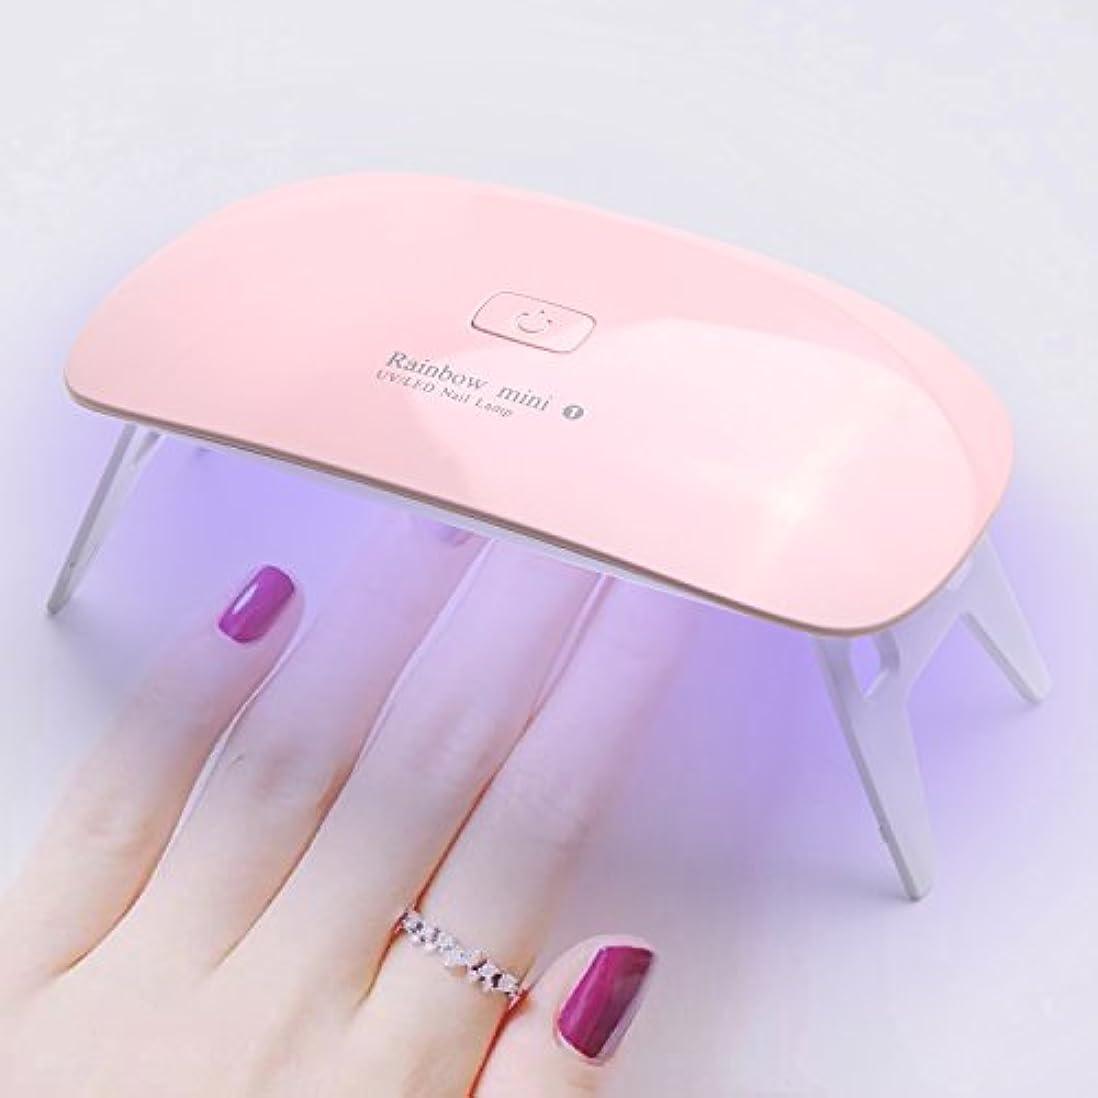 遺伝的仮称機関車LEDネイルドライヤー AmoVee UVライト タイマー設定可能 折りたたみ式 ジェルネイル用 (pink)